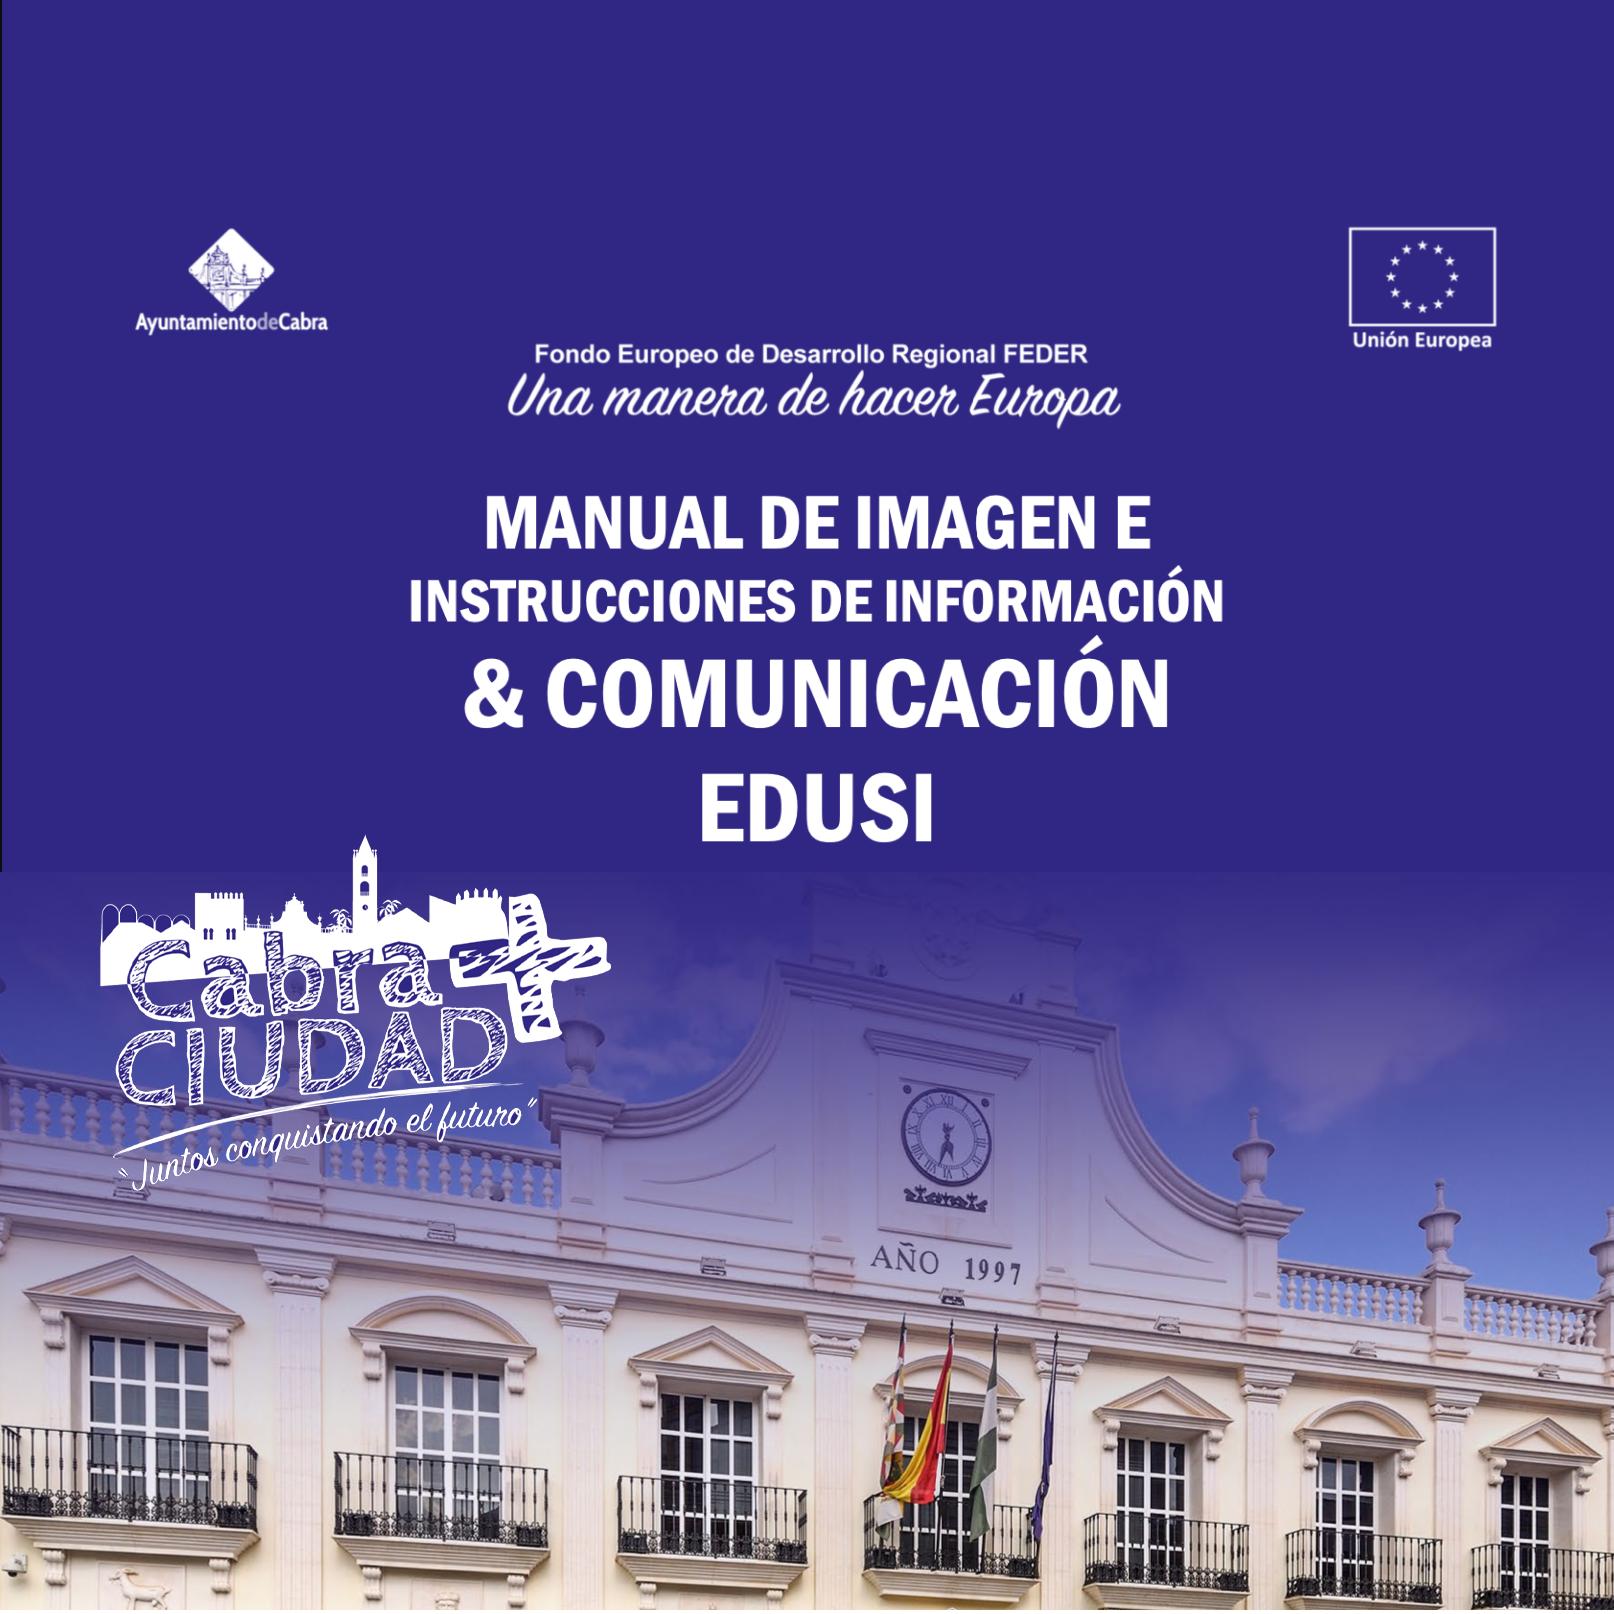 Manual de identidad corporativa EDUSI Cabra